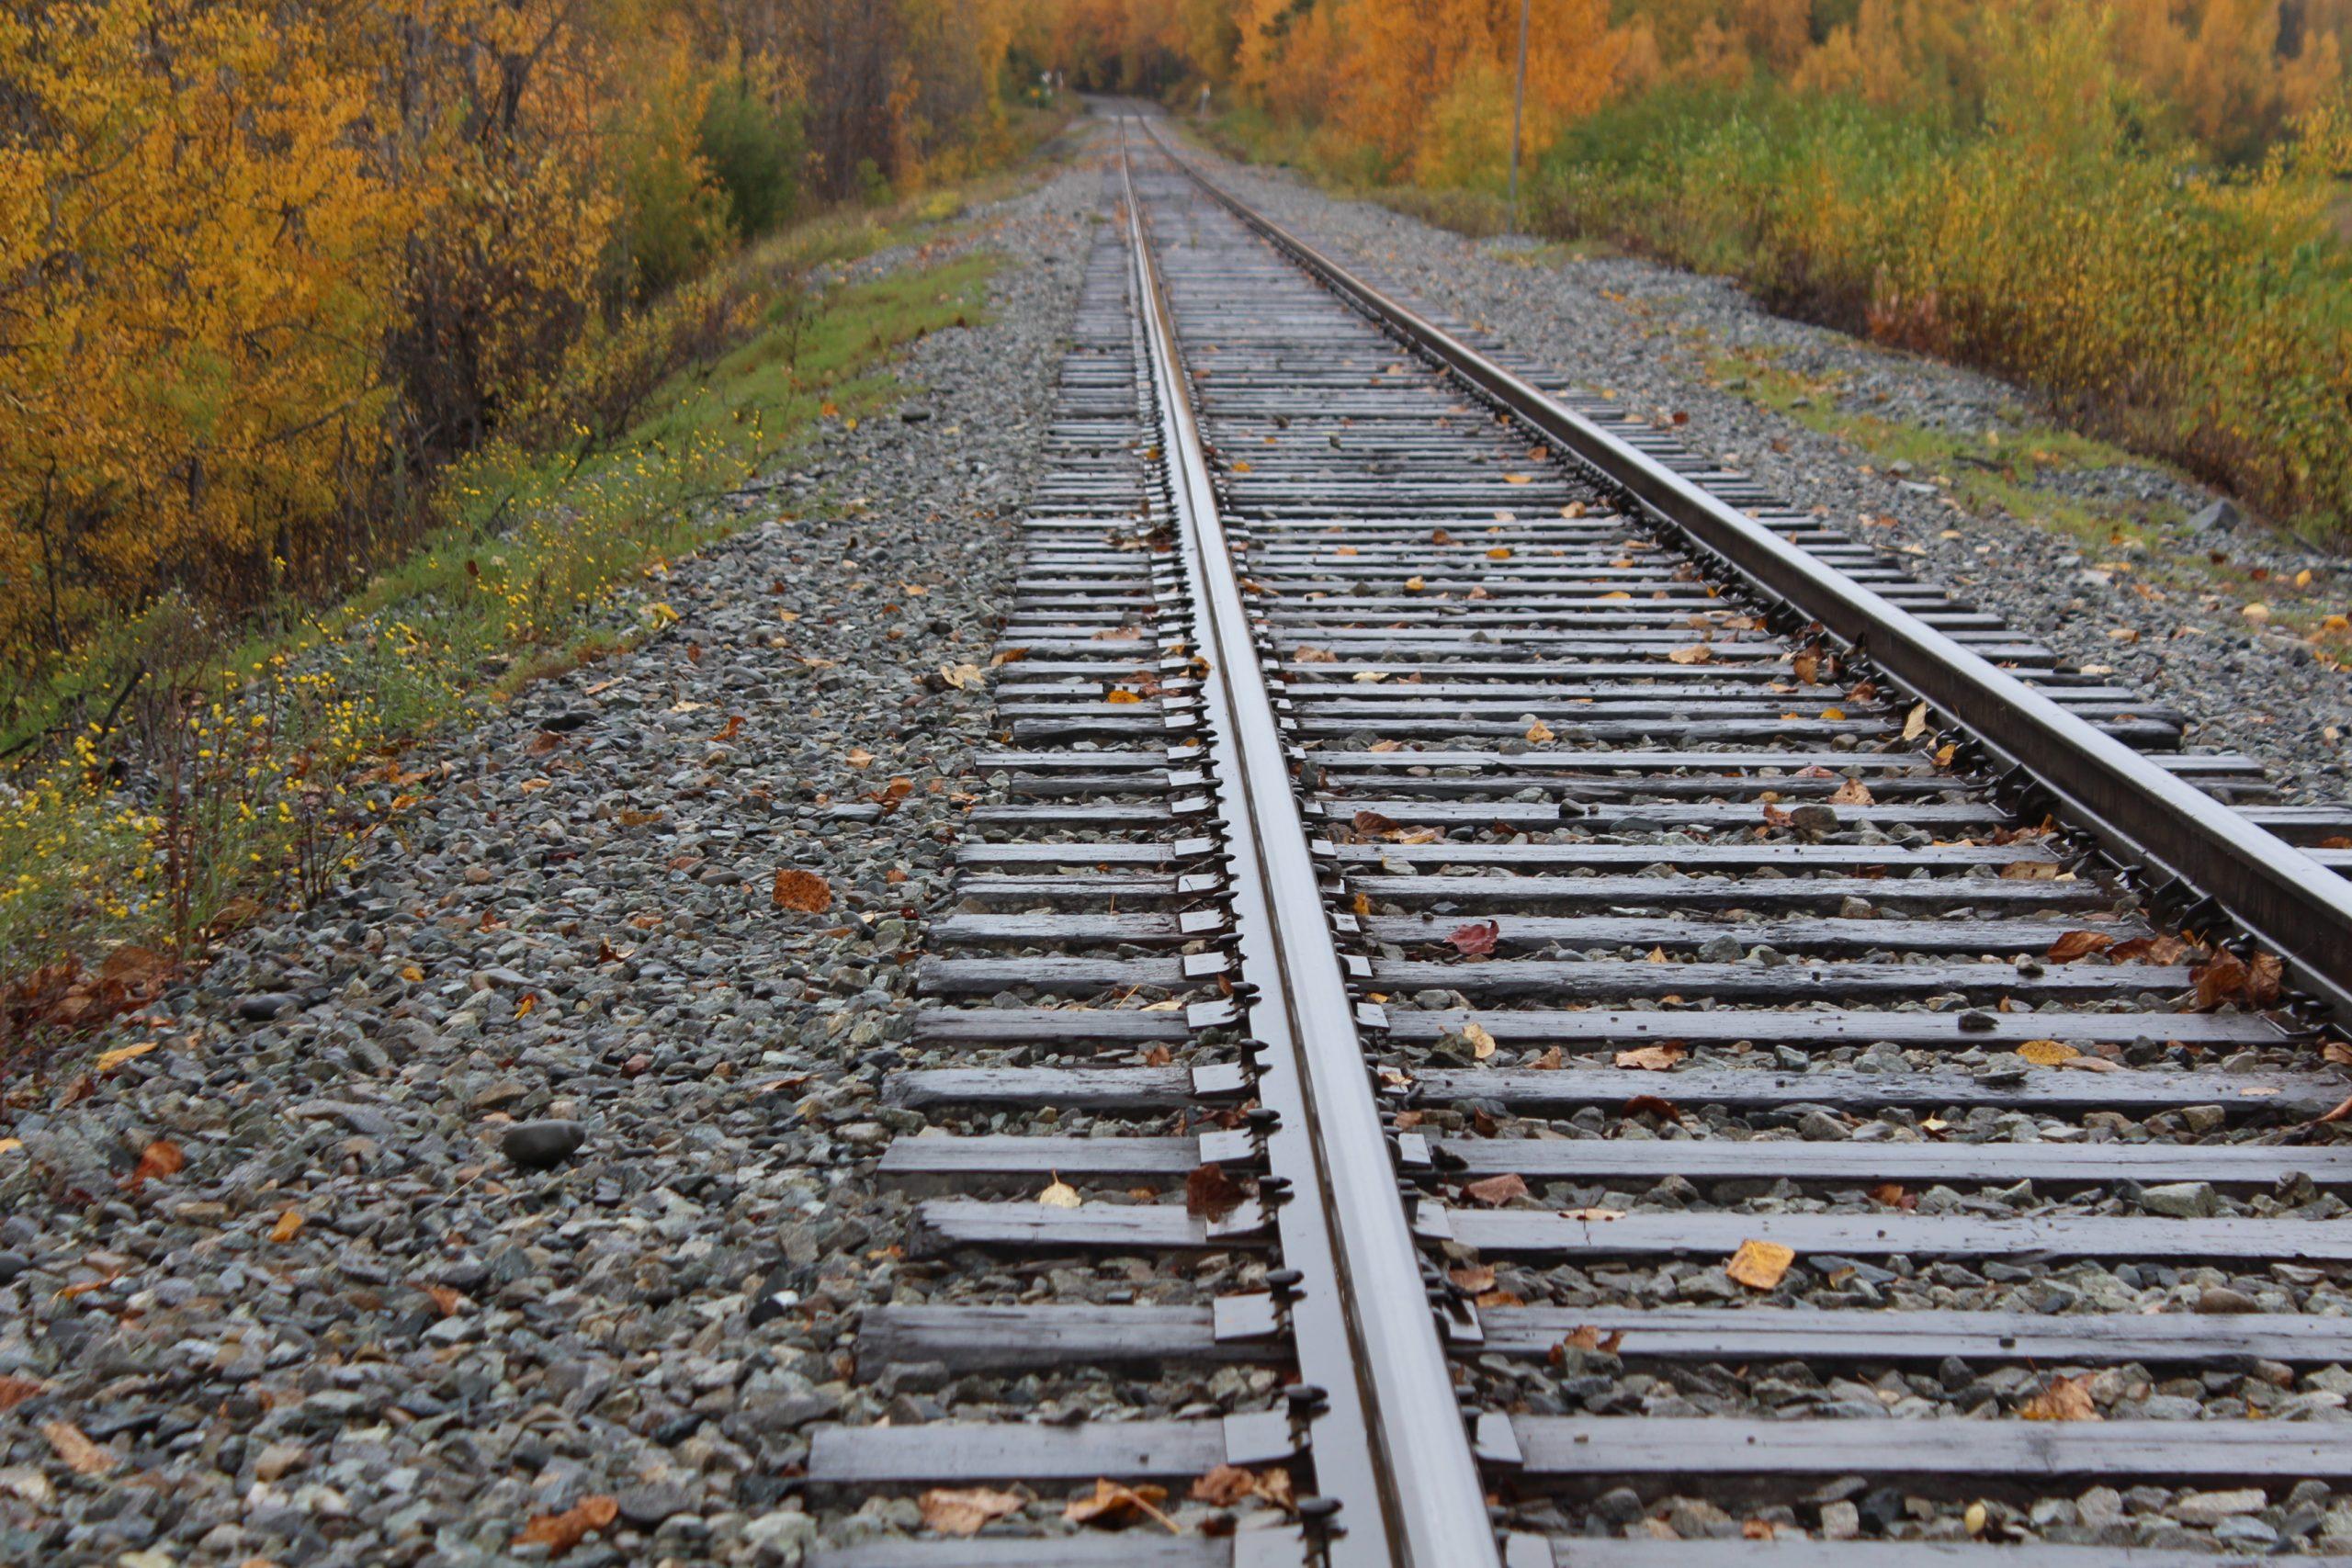 Alaska-Alberta rail project may have a problem: regulators are investigating its financier - Alaska Public Media